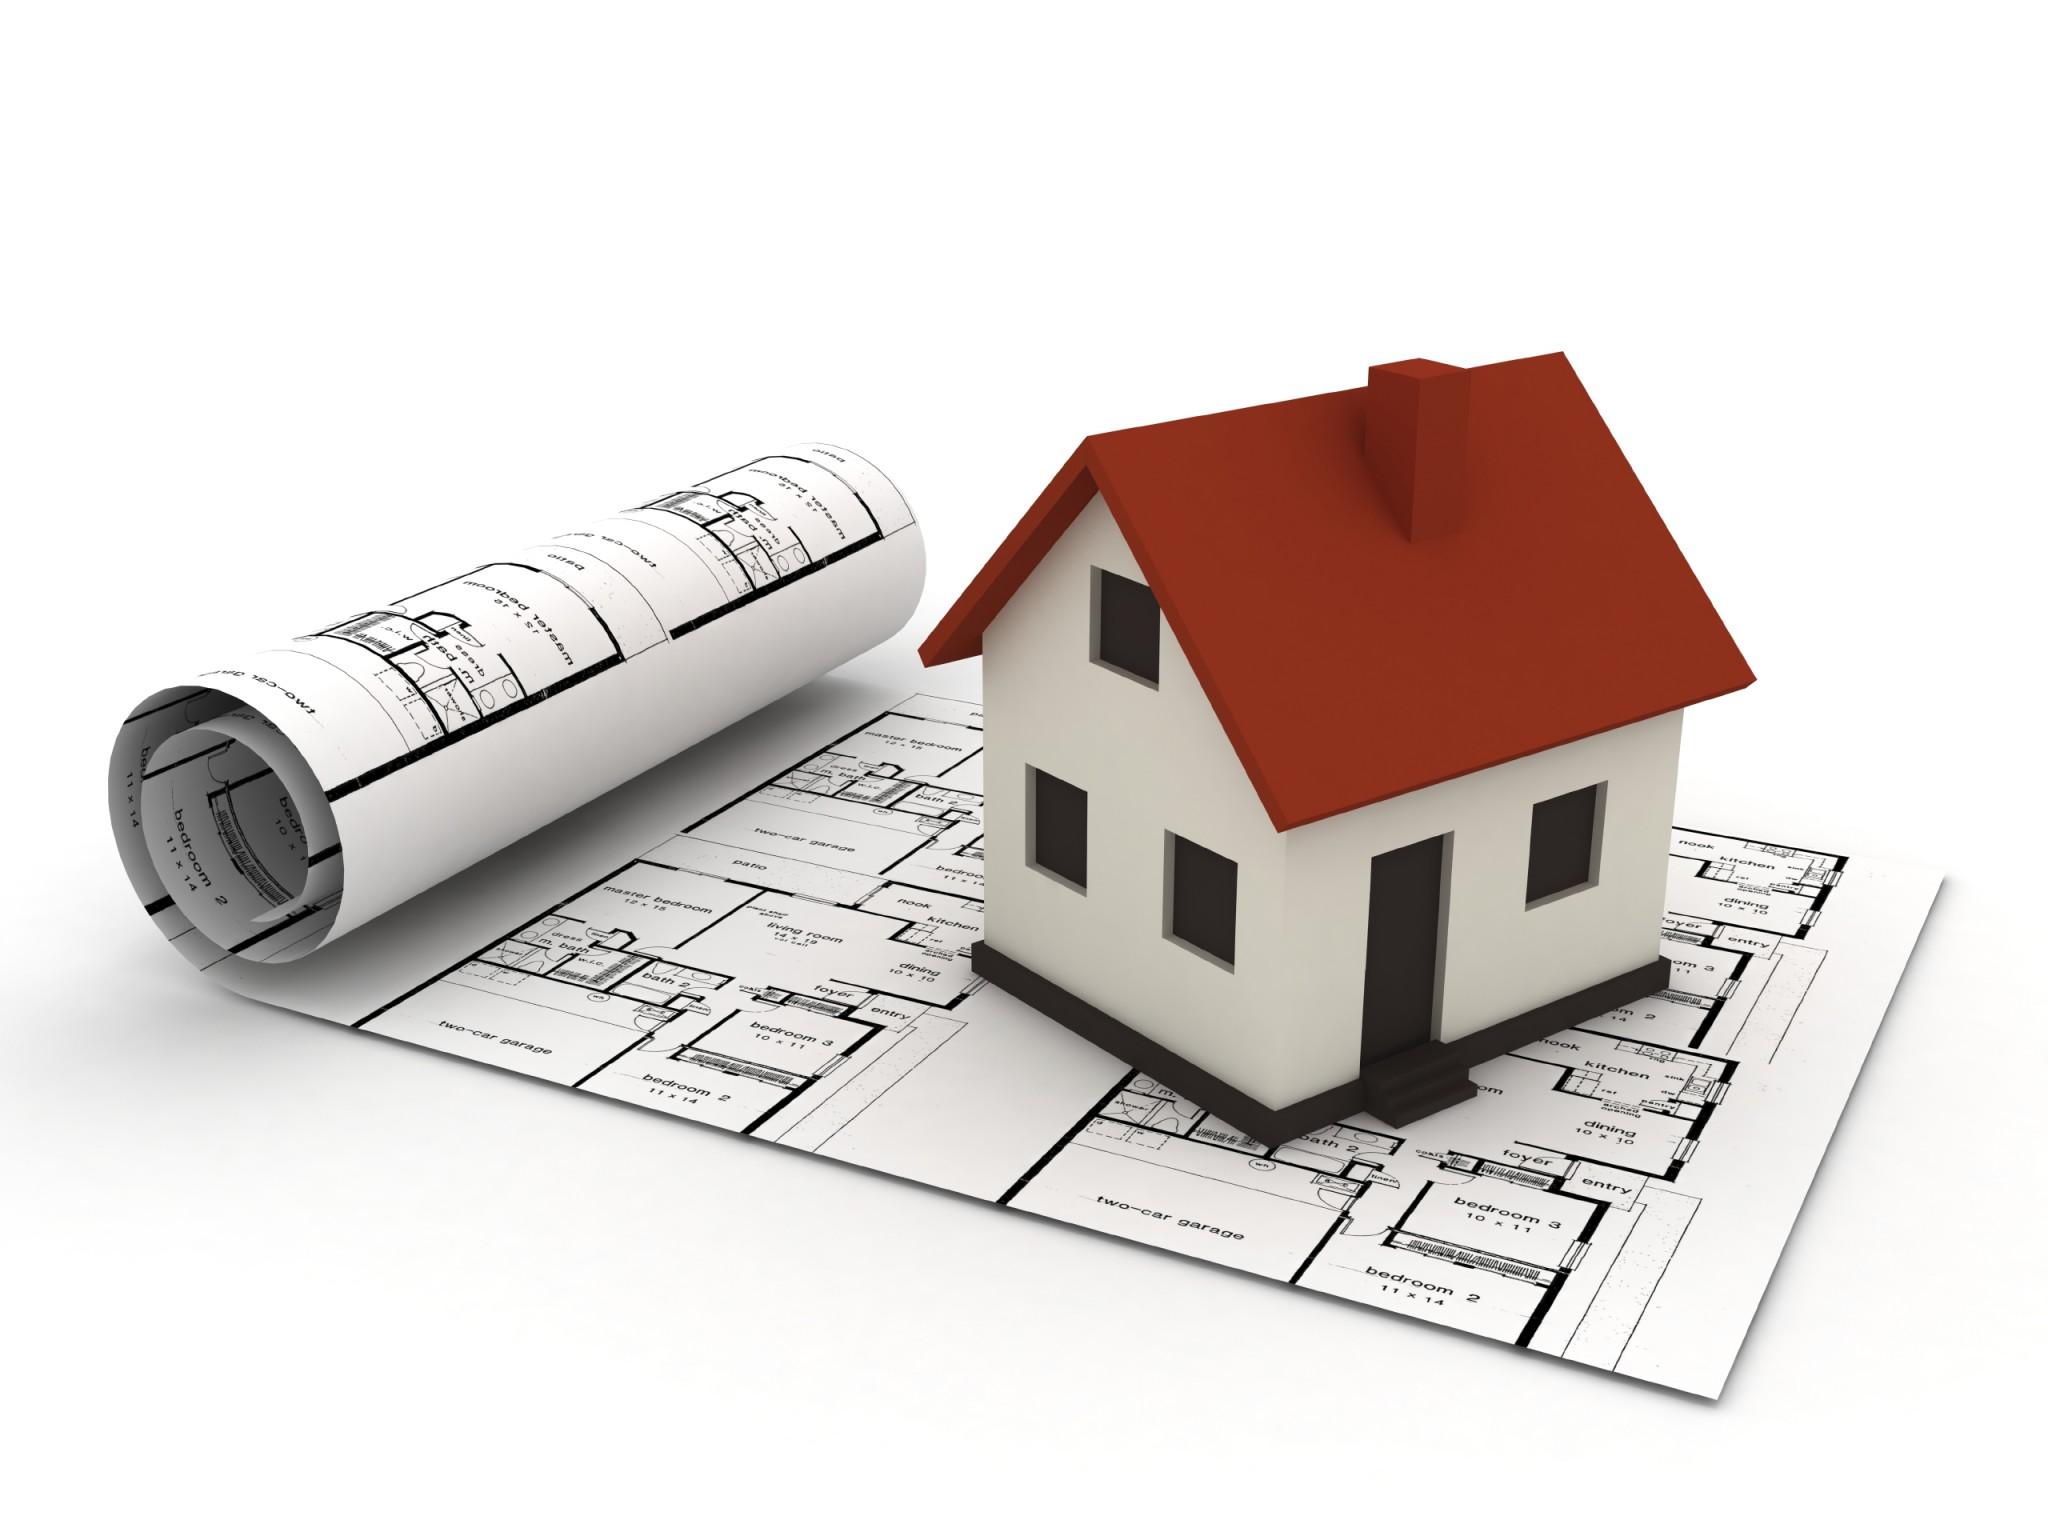 Etude thermique rt 2012 simplifi e maison individuelle for Application rt 2012 maison individuelle